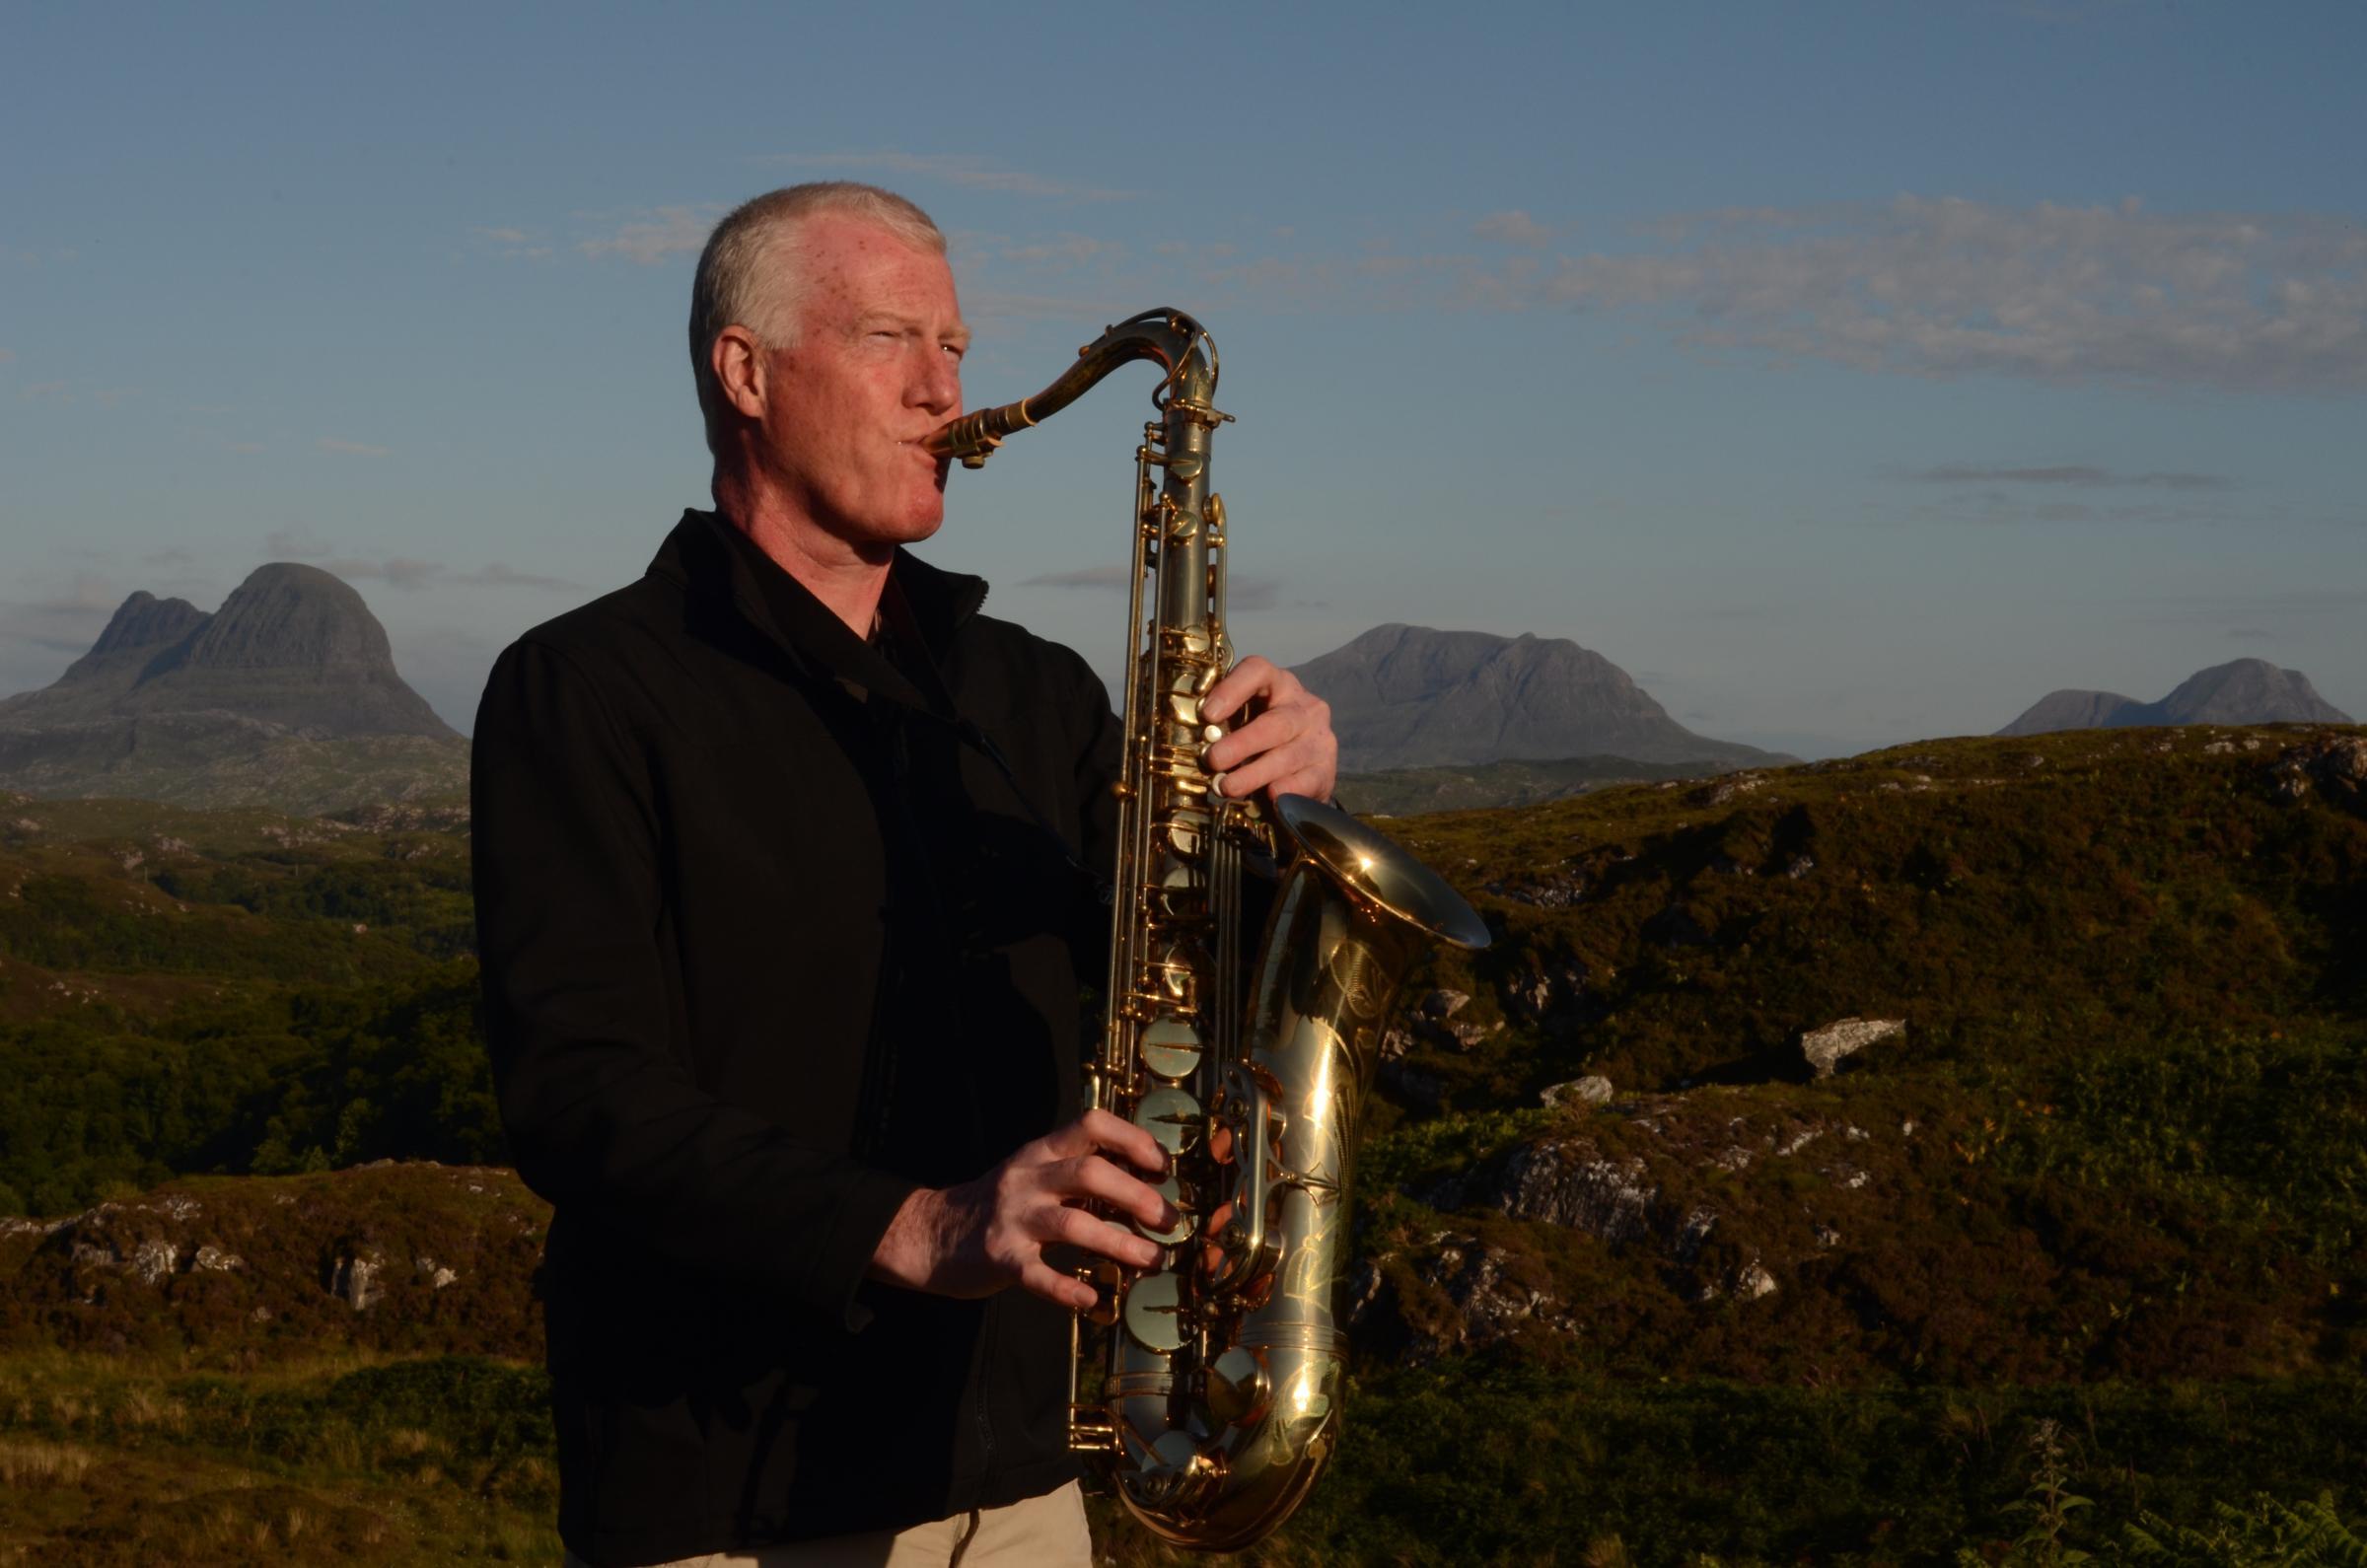 Pair bring Scotland-inspired jazz to village